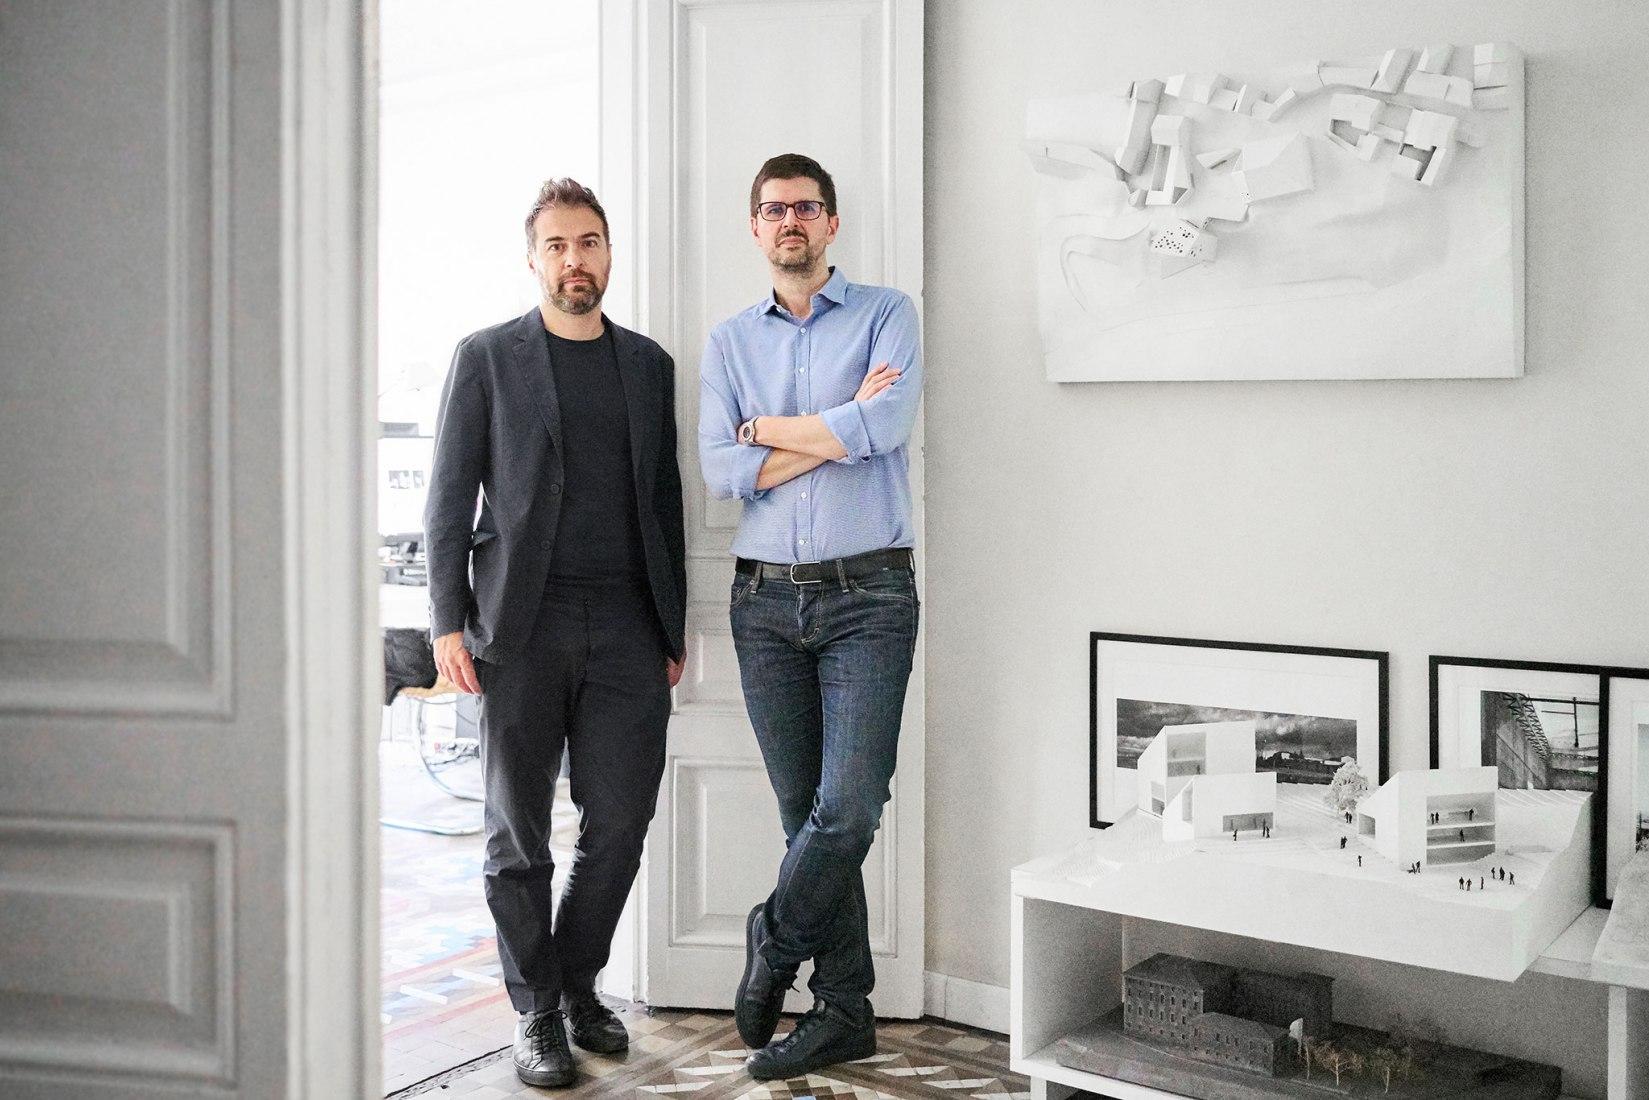 Fabrizio Barozzi and Alberto Veiga of Estudio Barozzi Veiga, 2017. Image courtesy of Estudio Barozzi Veiga